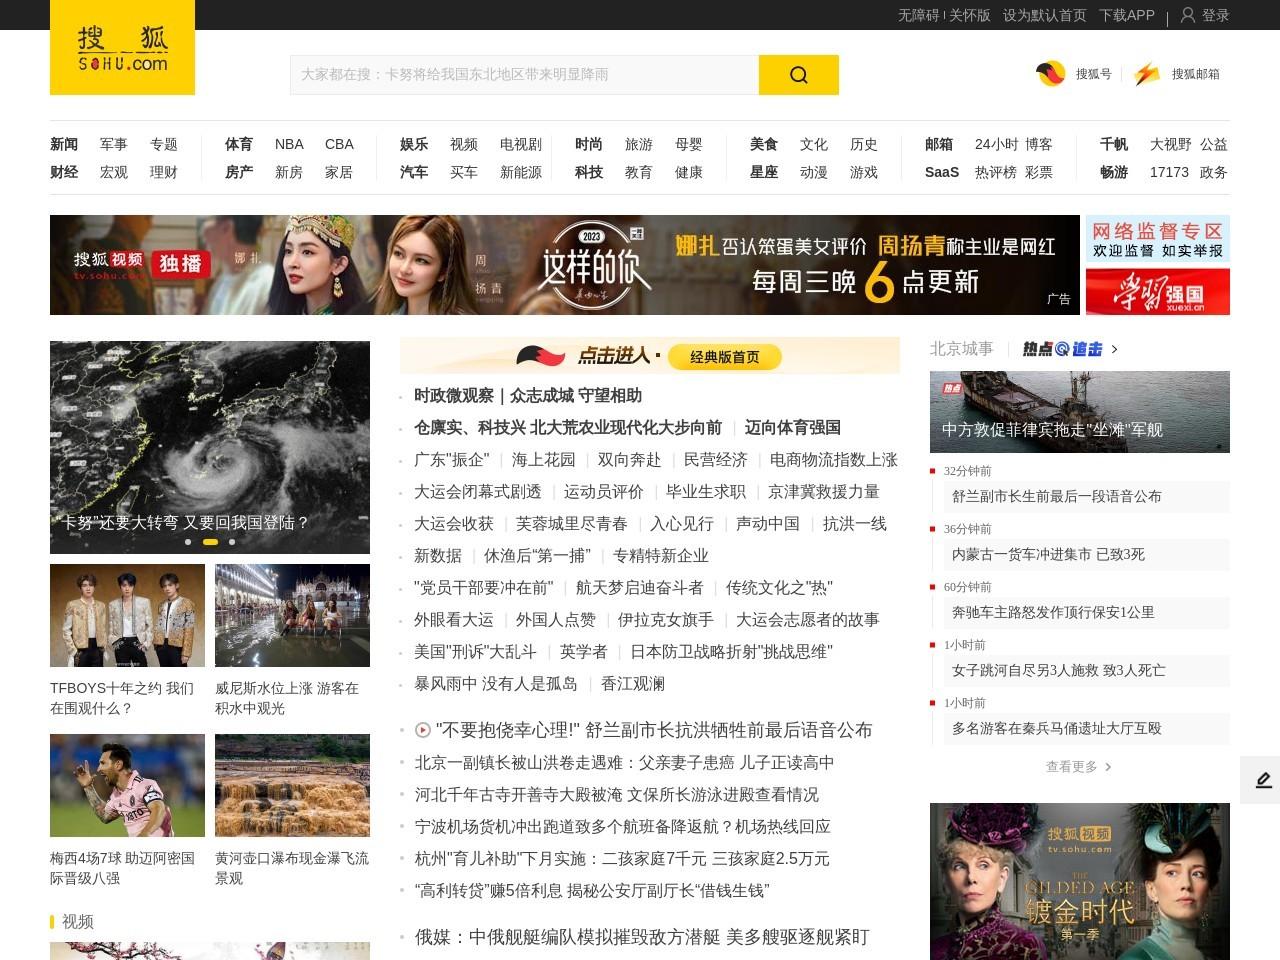 网传一家人扫墓给追思人员发钱,镇政府:属实,已介入调查_铜盂镇